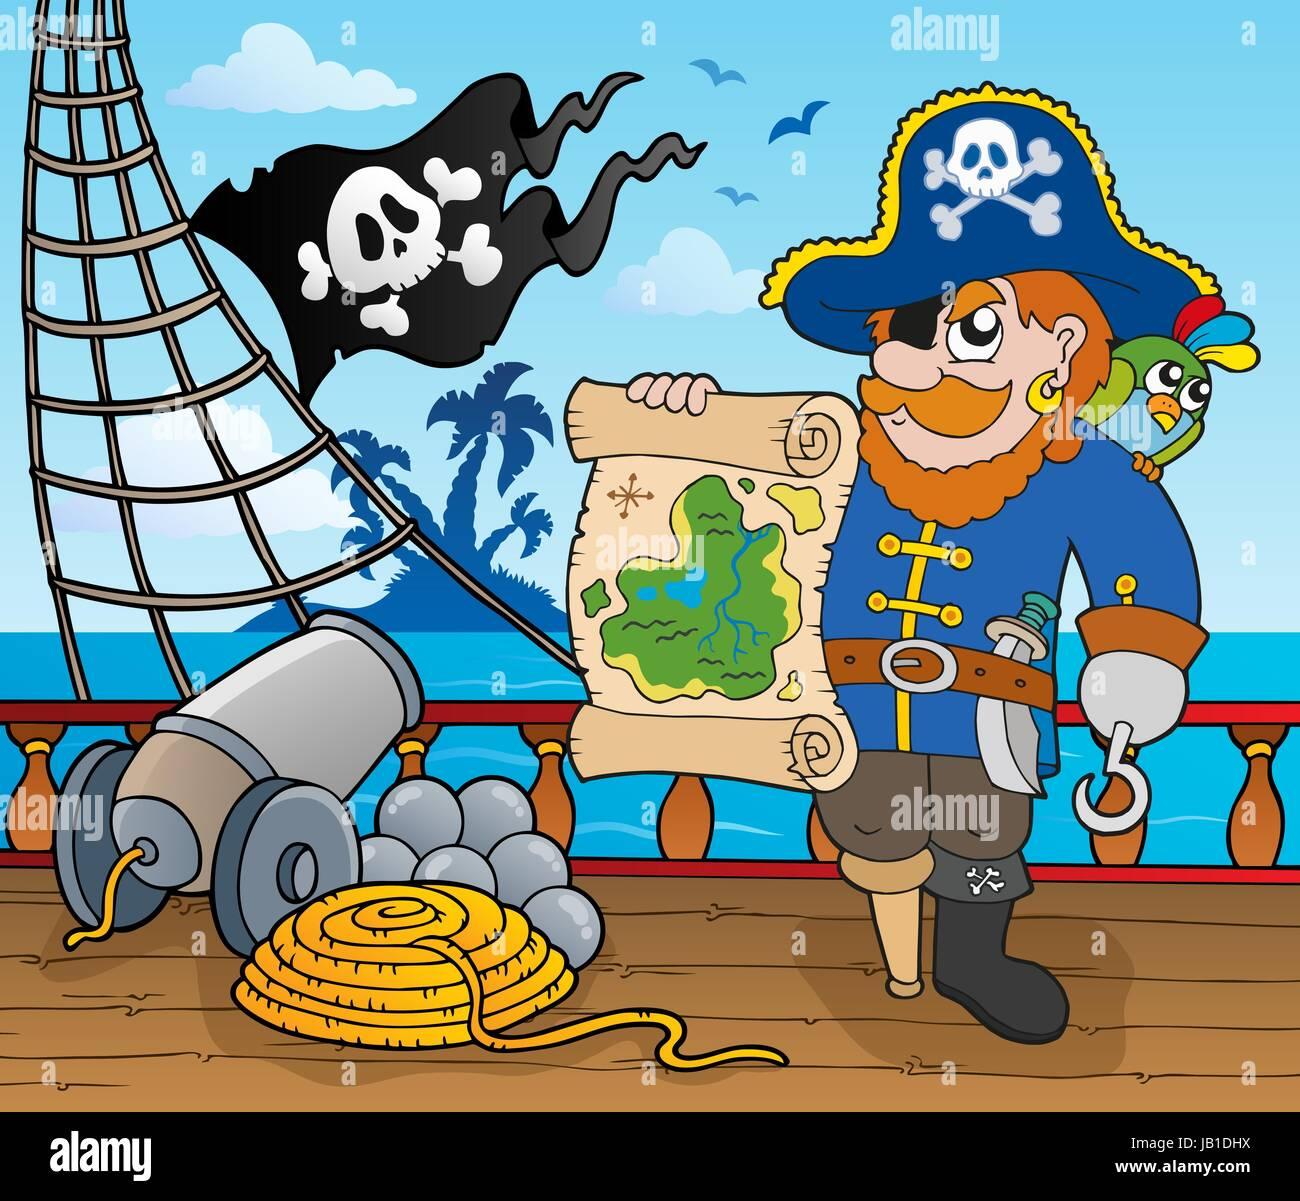 Piraten Schiff Deck Thema 2 - Bild-Darstellung. Stockbild